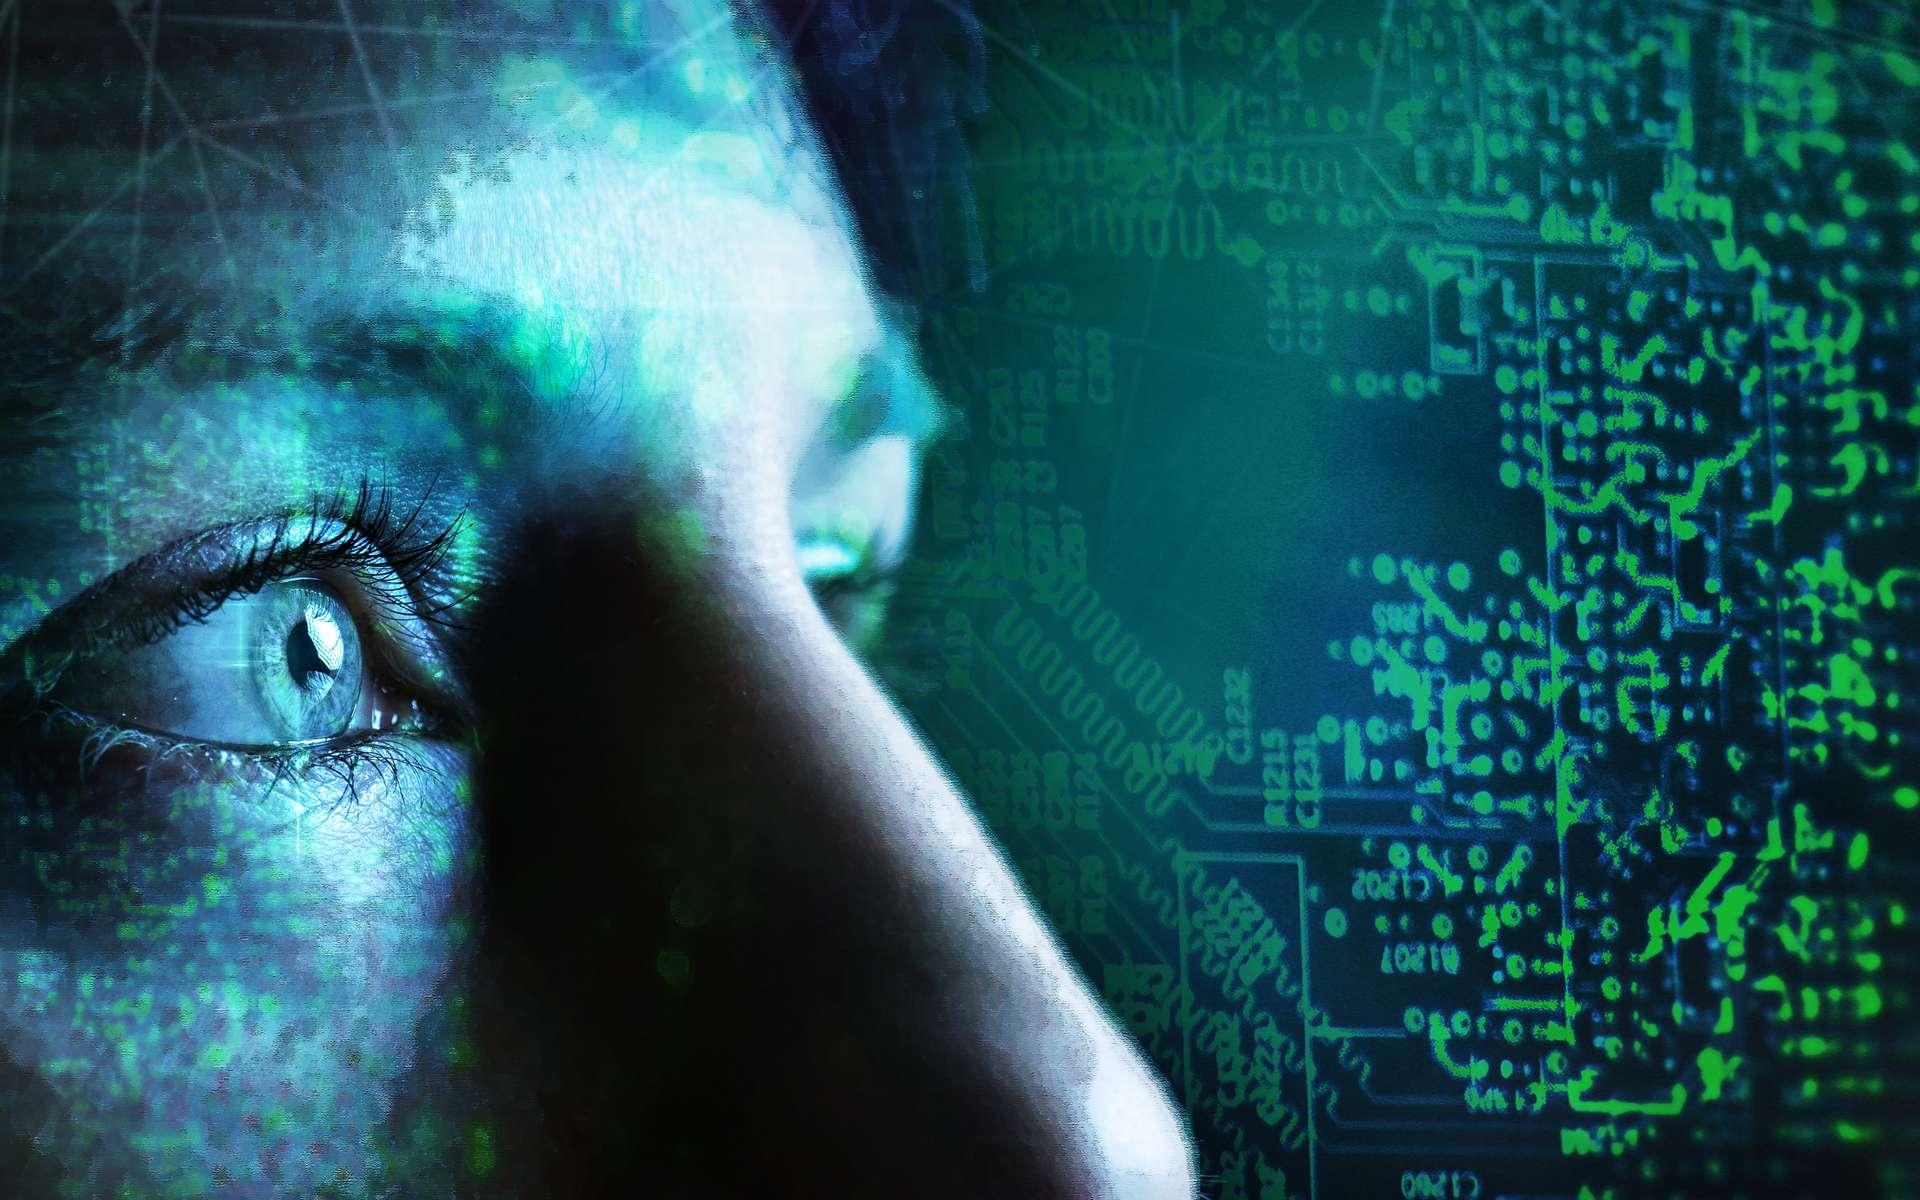 Pourra-t-on prédire les futurs mouvements du globe avec l'IA ? © m.mphoto, Adobe Stock